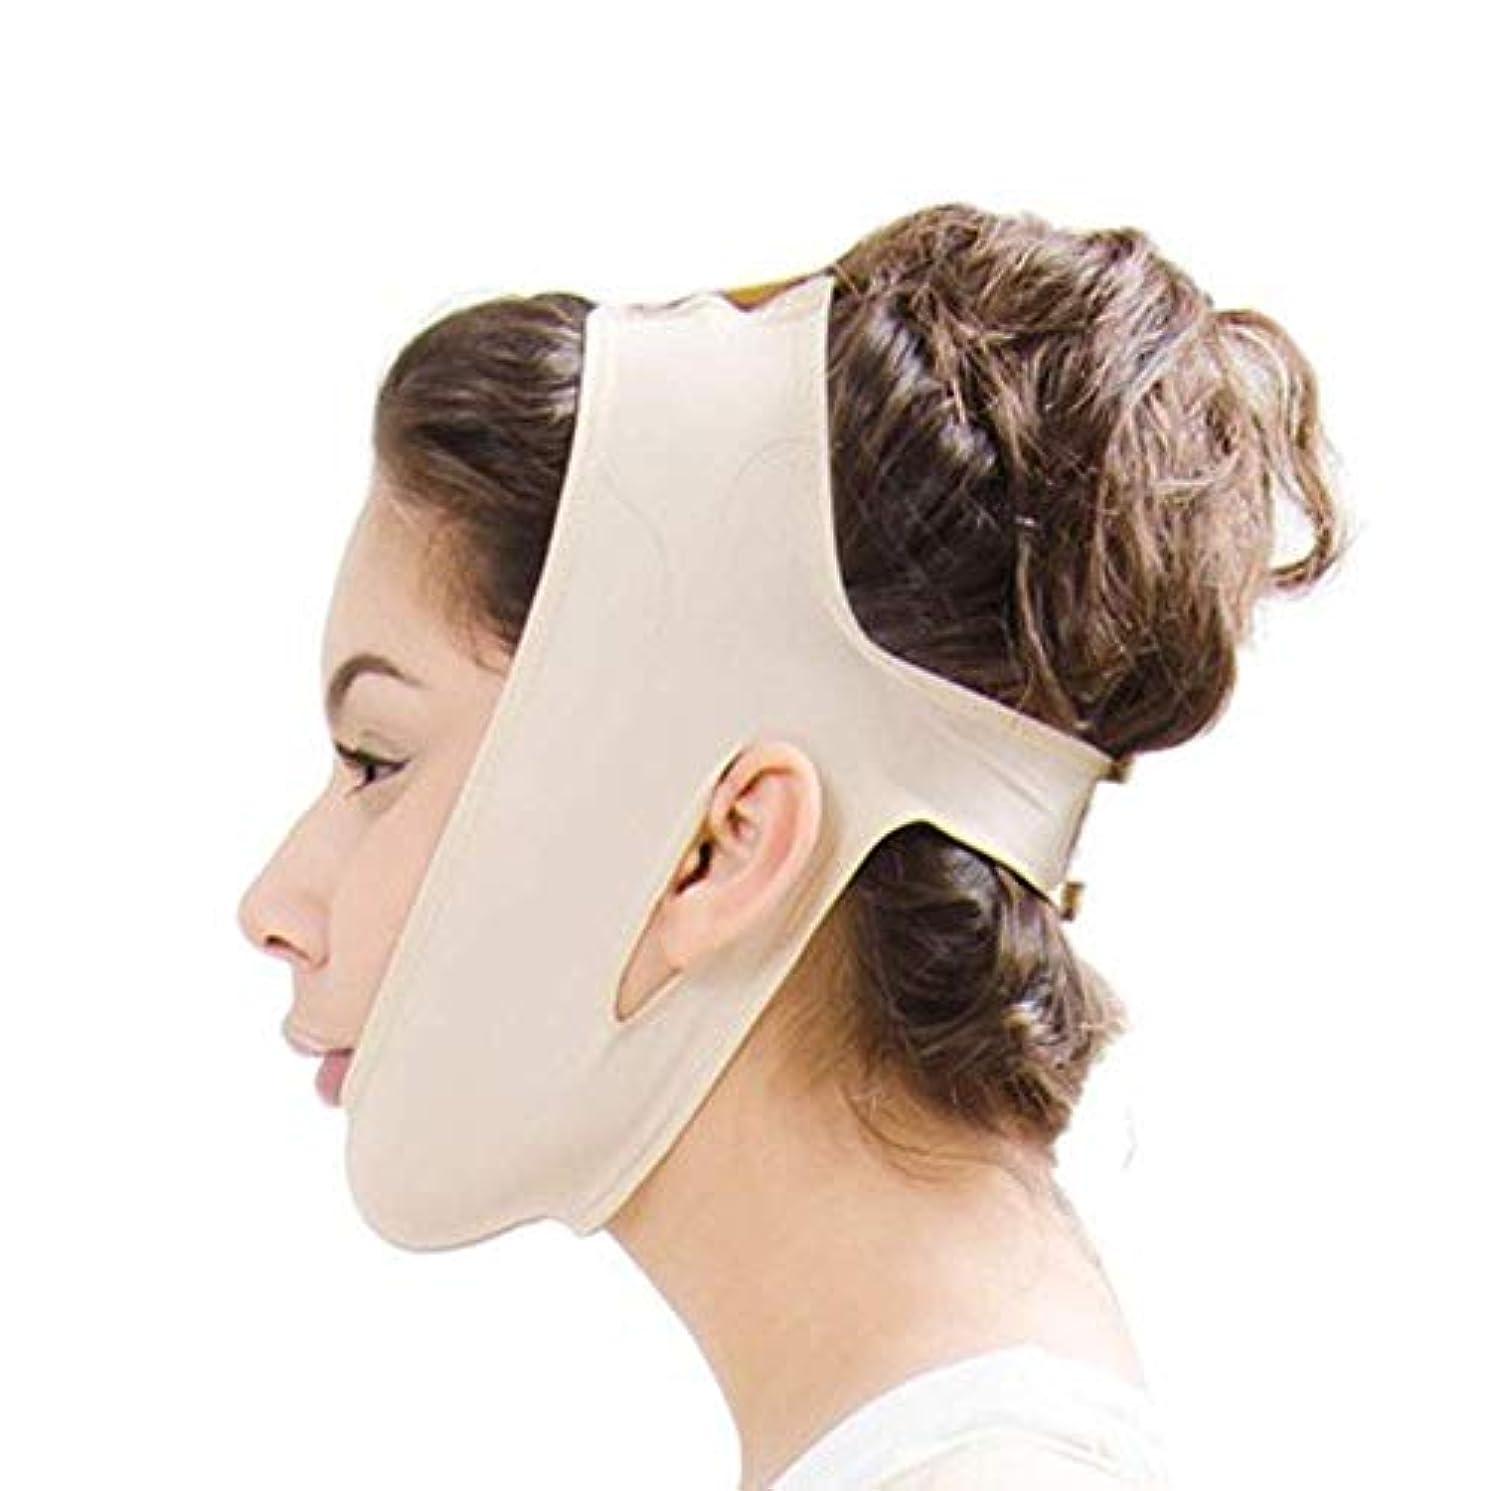 厳しいゲージ医療のフェイスリフティングマスク、フェイスダブルチンコンプレッションシンスモールVフェイスバンデージヘッドギアリフティングファーミングスキン(サイズ:Xl)